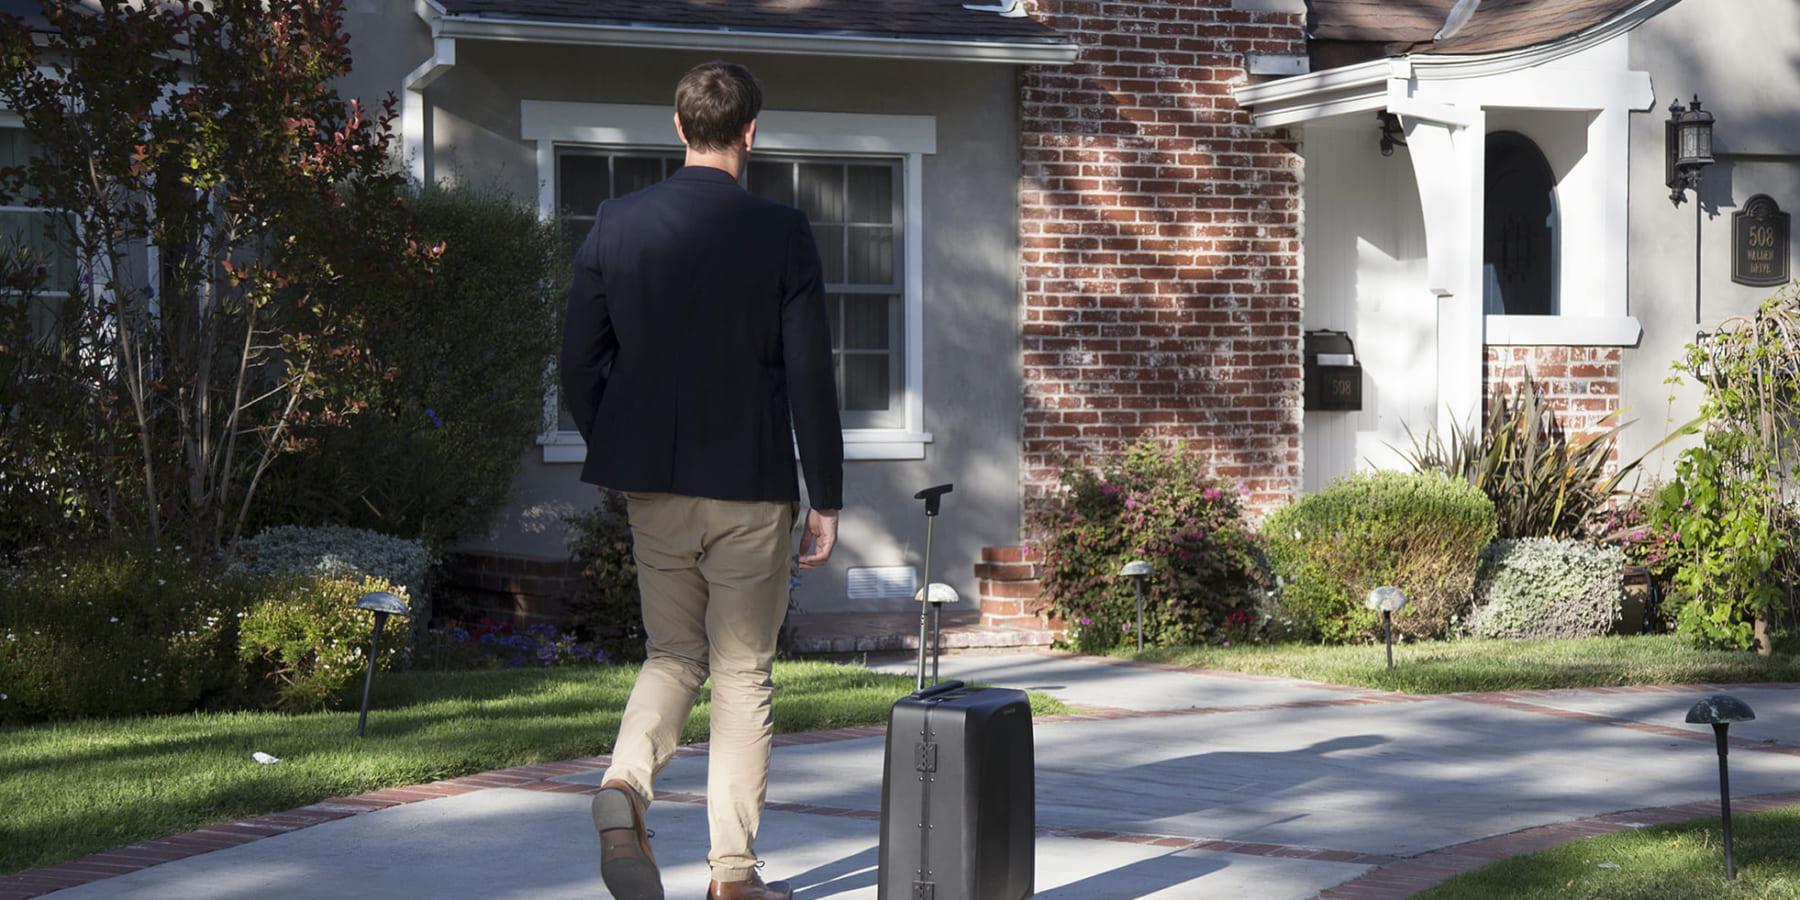 ユーザーに自動でついていく、AI活用のスーツケース「Ovis」